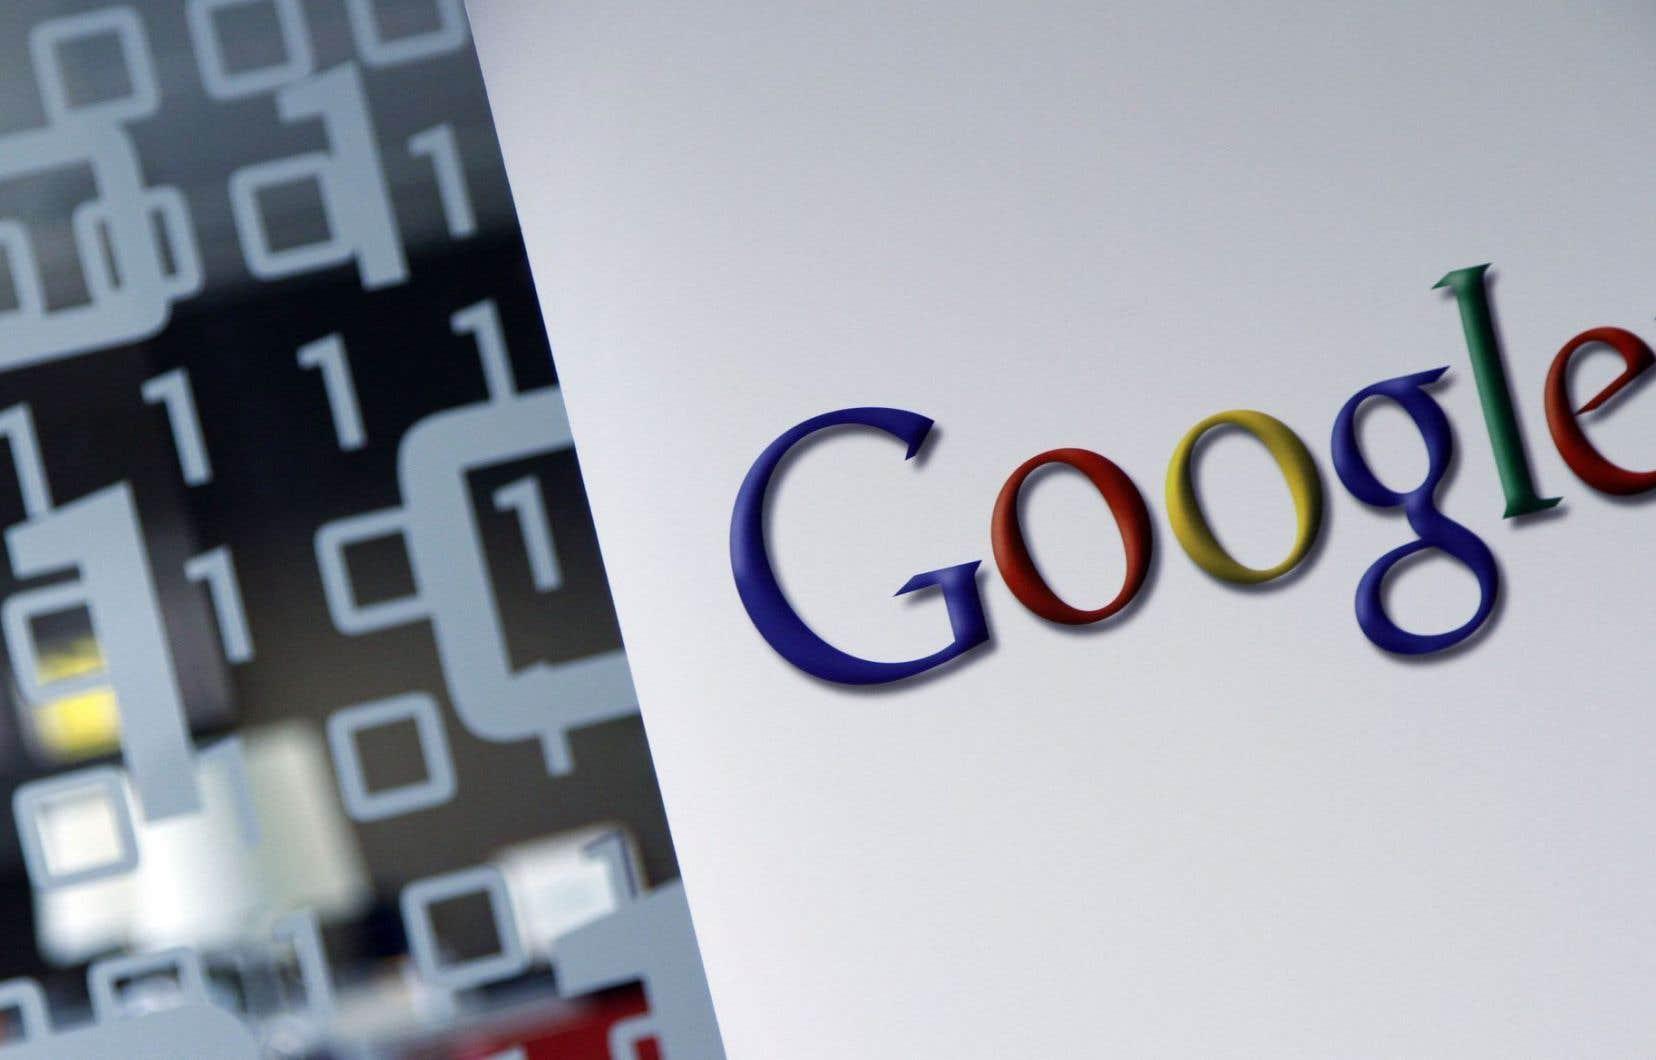 Google et Facebook ont déjà testé des outils aux États-Unis et au Royaume-Uni, pour aider les utilisateurs à reconnaître l'information crédible qui est mise en ligne sur leurs sites Internet.